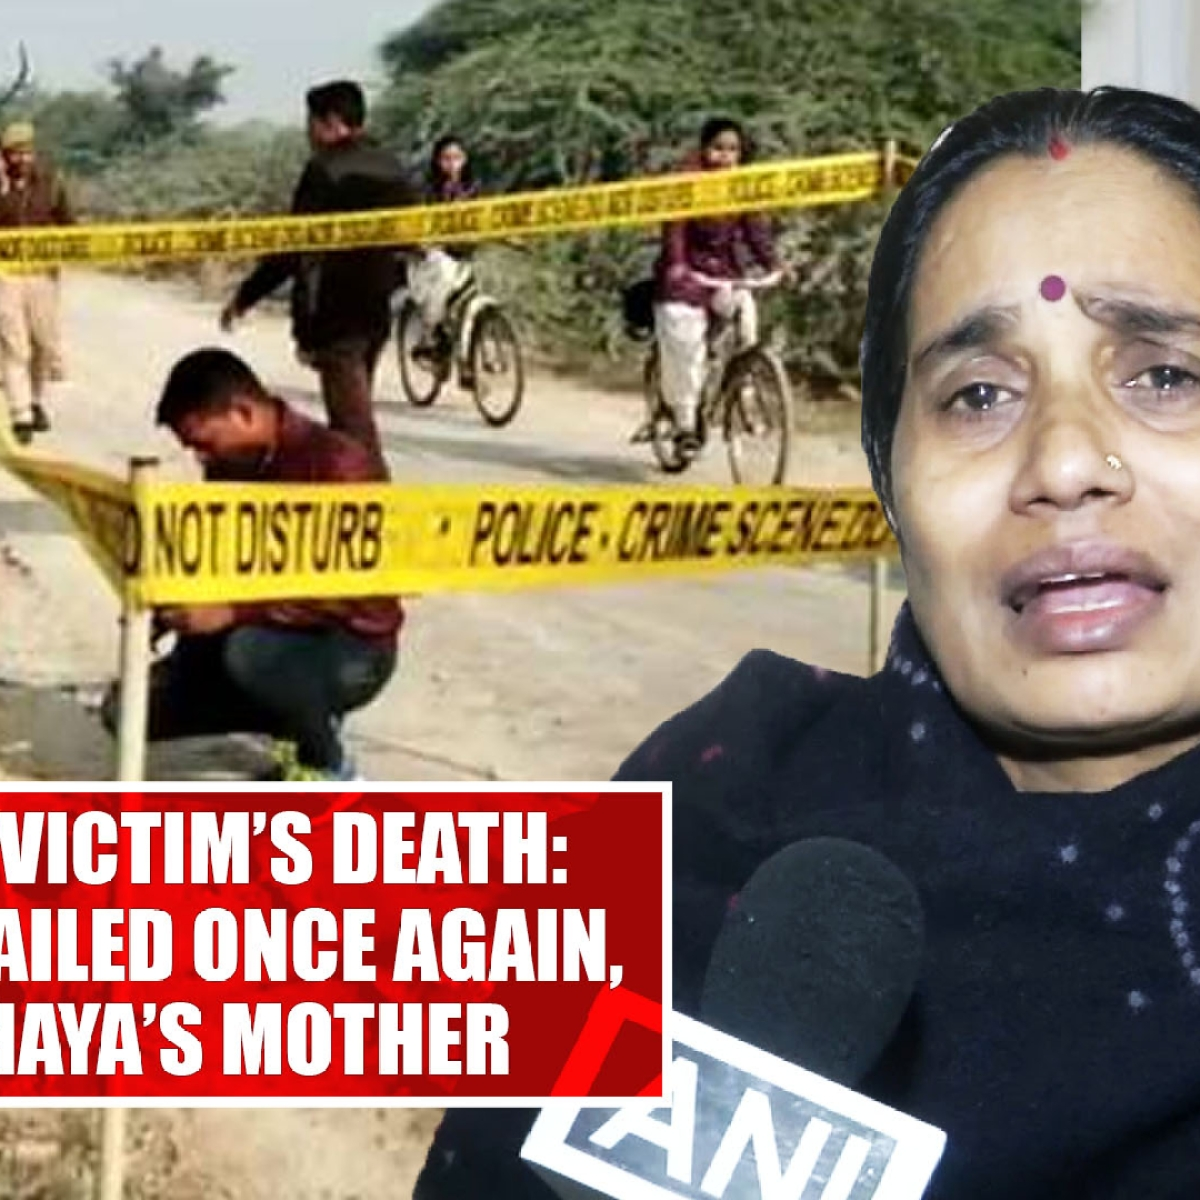 Unnao rape victim's death: Our system failed once again, says Nirbhaya's mother